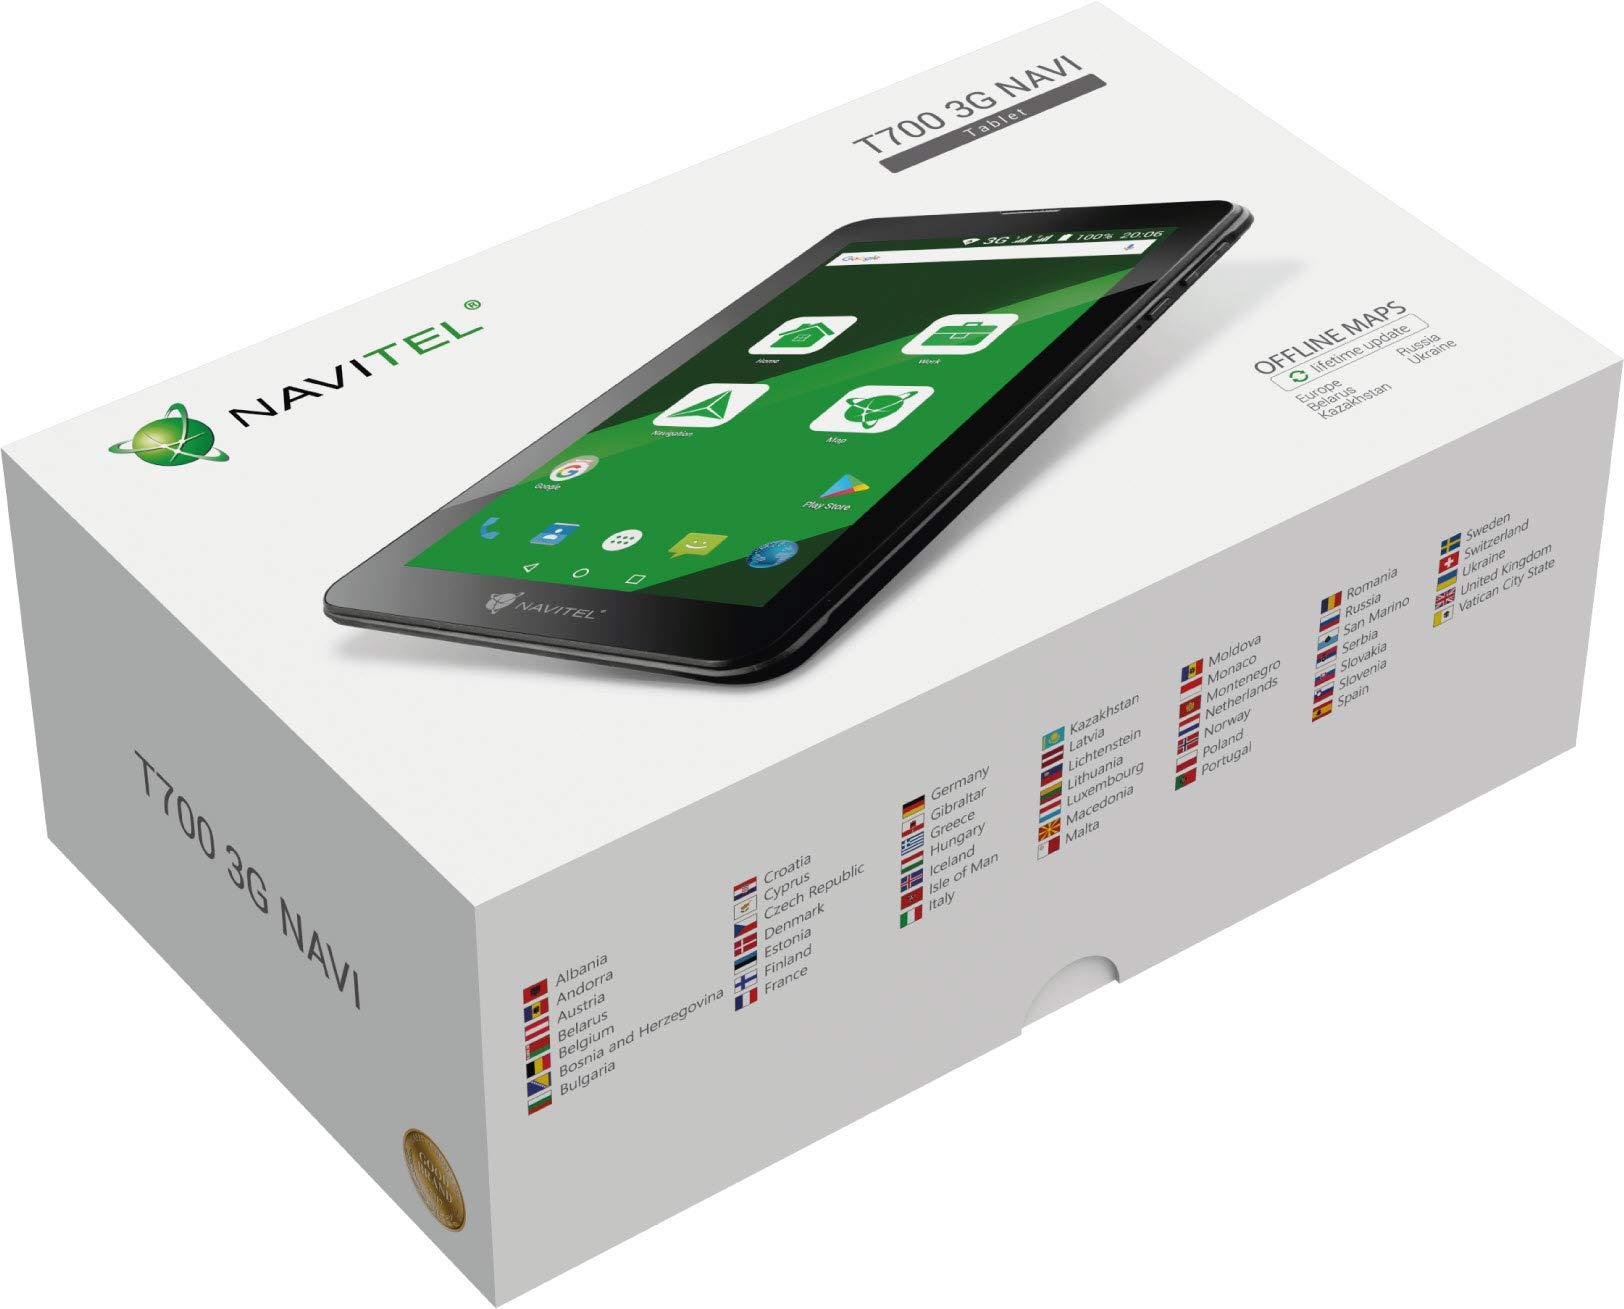 Navitel-T700-3G-Tablet-1778-cm-7-Zoll-IPS-Display-Dual-SIM-Karten-von-47-EU-Lndern-Android-70-Schwarz